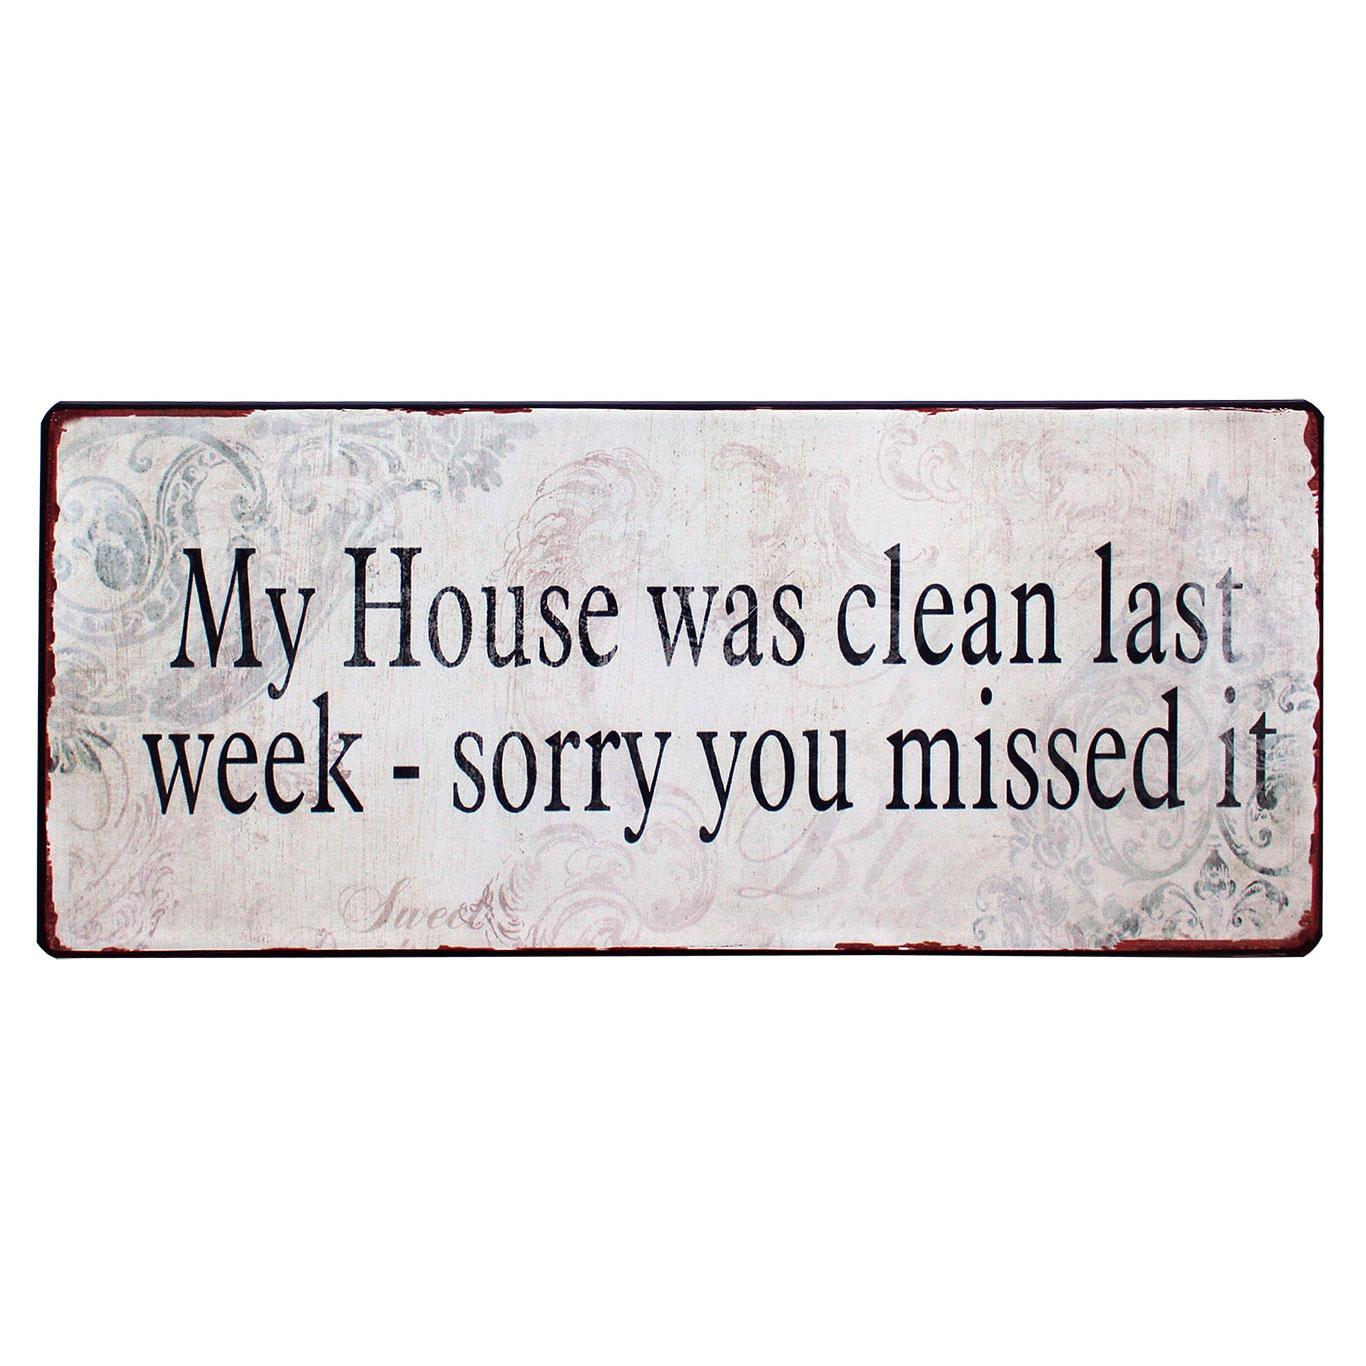 N em1370 my house was clean last week sorry you missed itit rustiek tekst bord cadeau kado online metaal deco decoratie